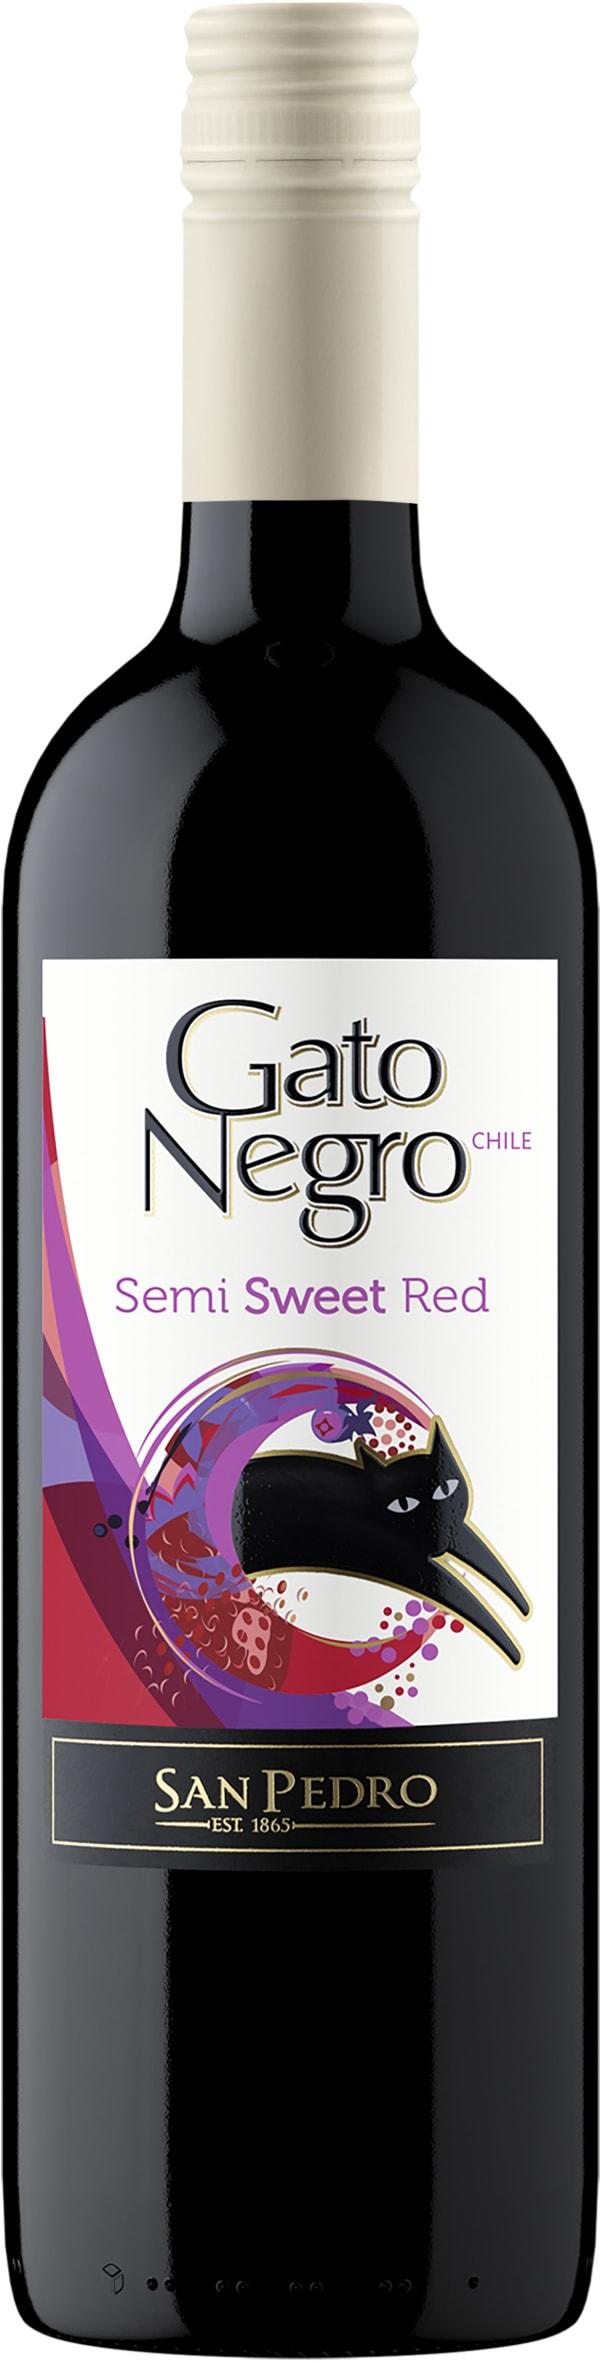 Gato Negro Semi Sweet Red 2017